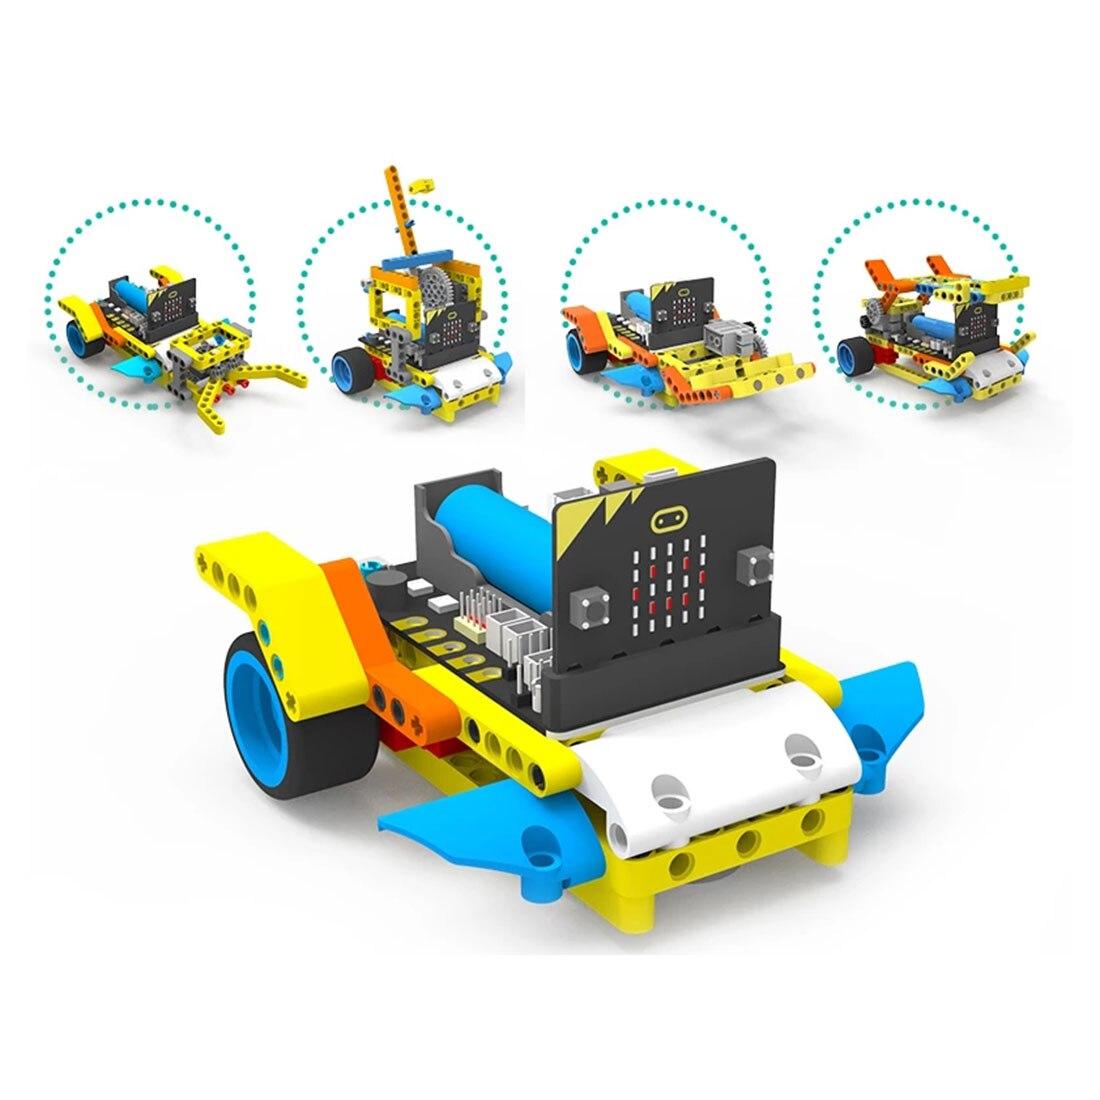 Programm Intelligente Roboter Baustein Auto Kit Verschiedene Formen Dampf Programmierung Bildung Auto Für Micro: Bit Programmierbare Spielzeug - 5